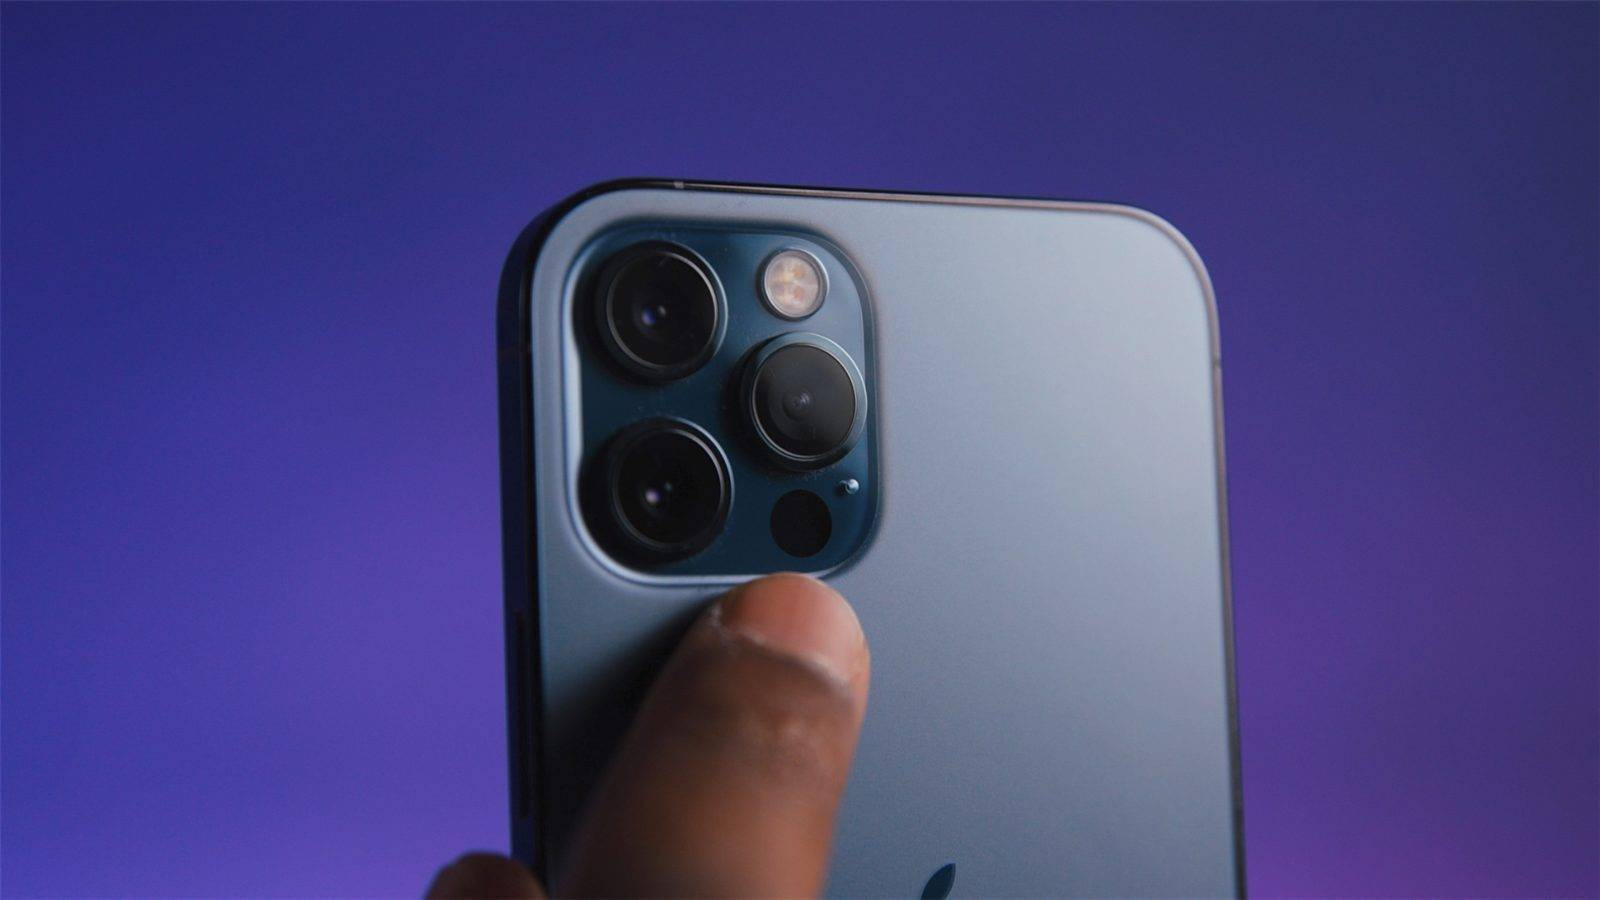 早报   iPhone 新系统或对非原装摄像头弹出警告 / 三星发布 Galaxy S21 系列 / 39 岁网络技术员入住养老院